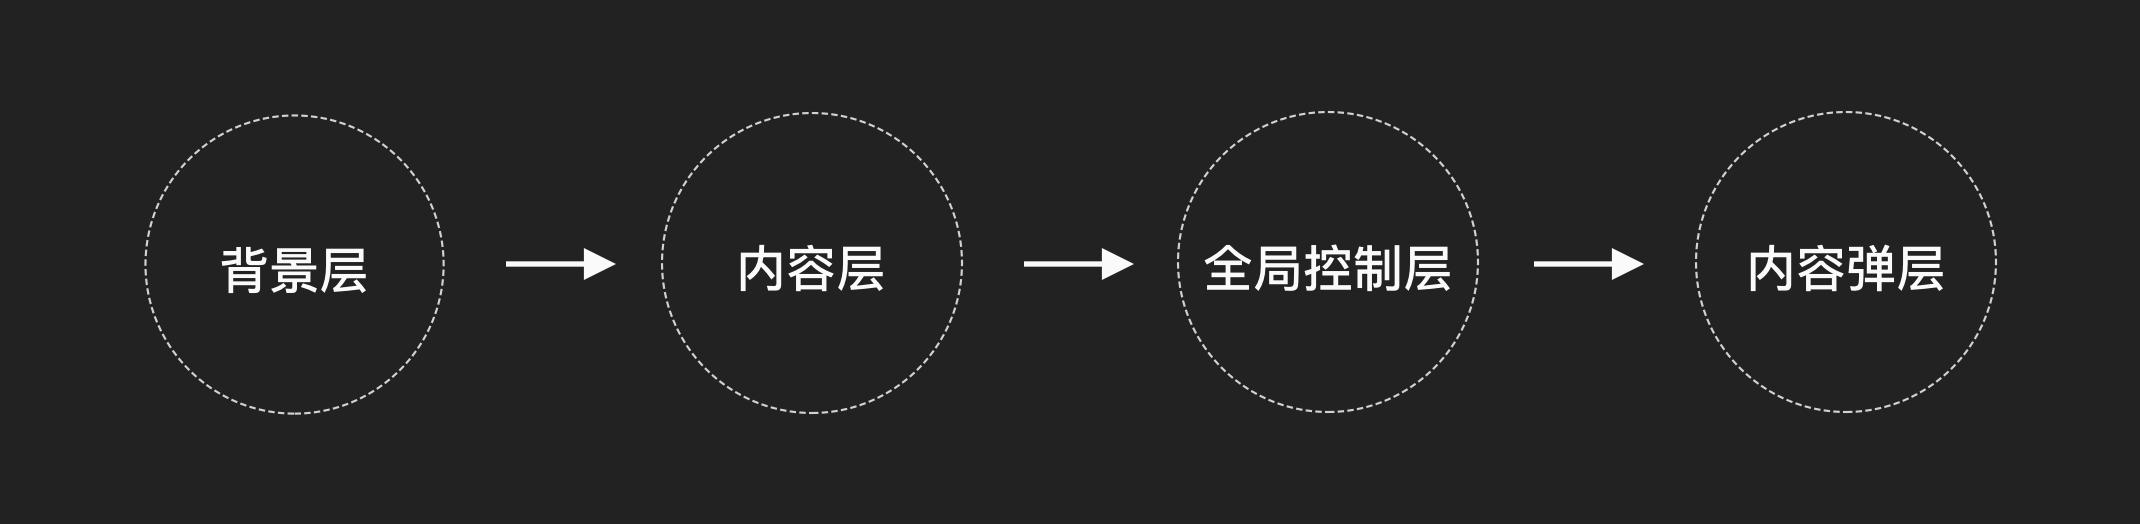 中台系统基础知识- 系统布局